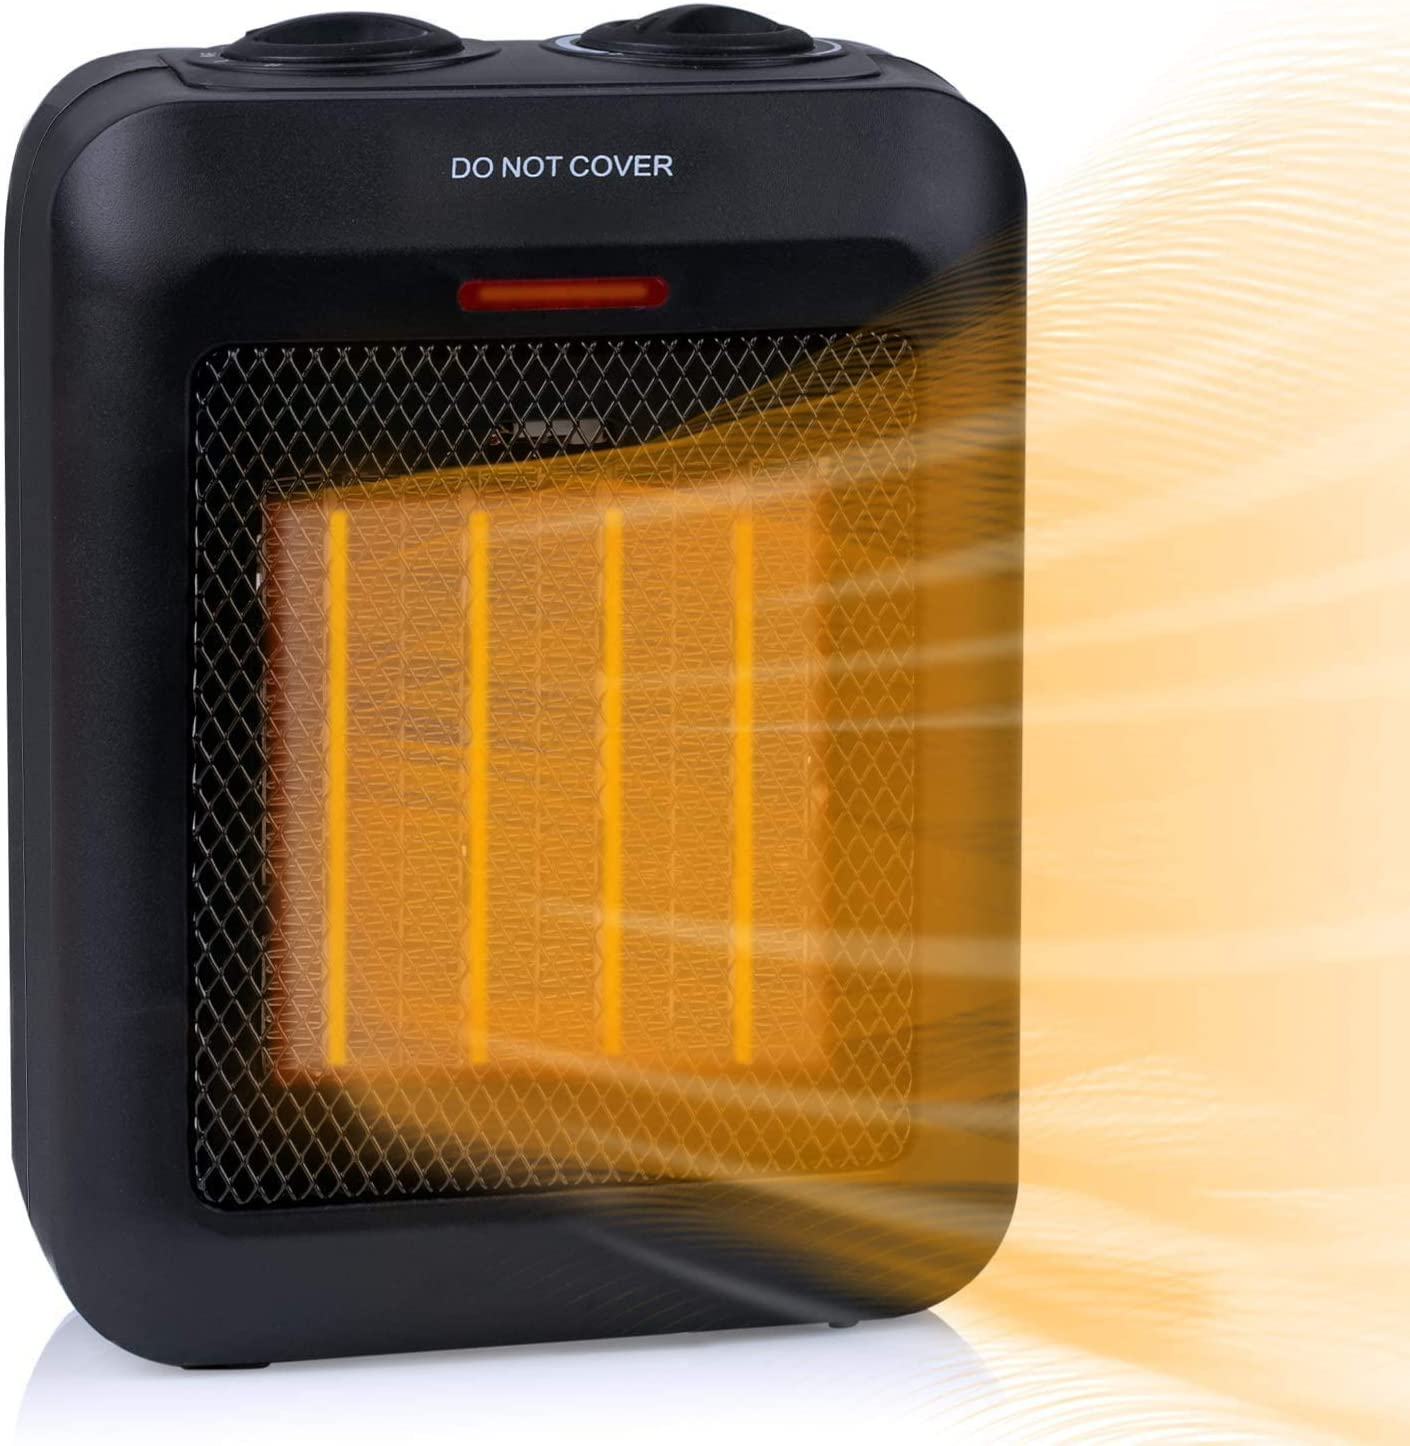 明亮的便携式空间加热器